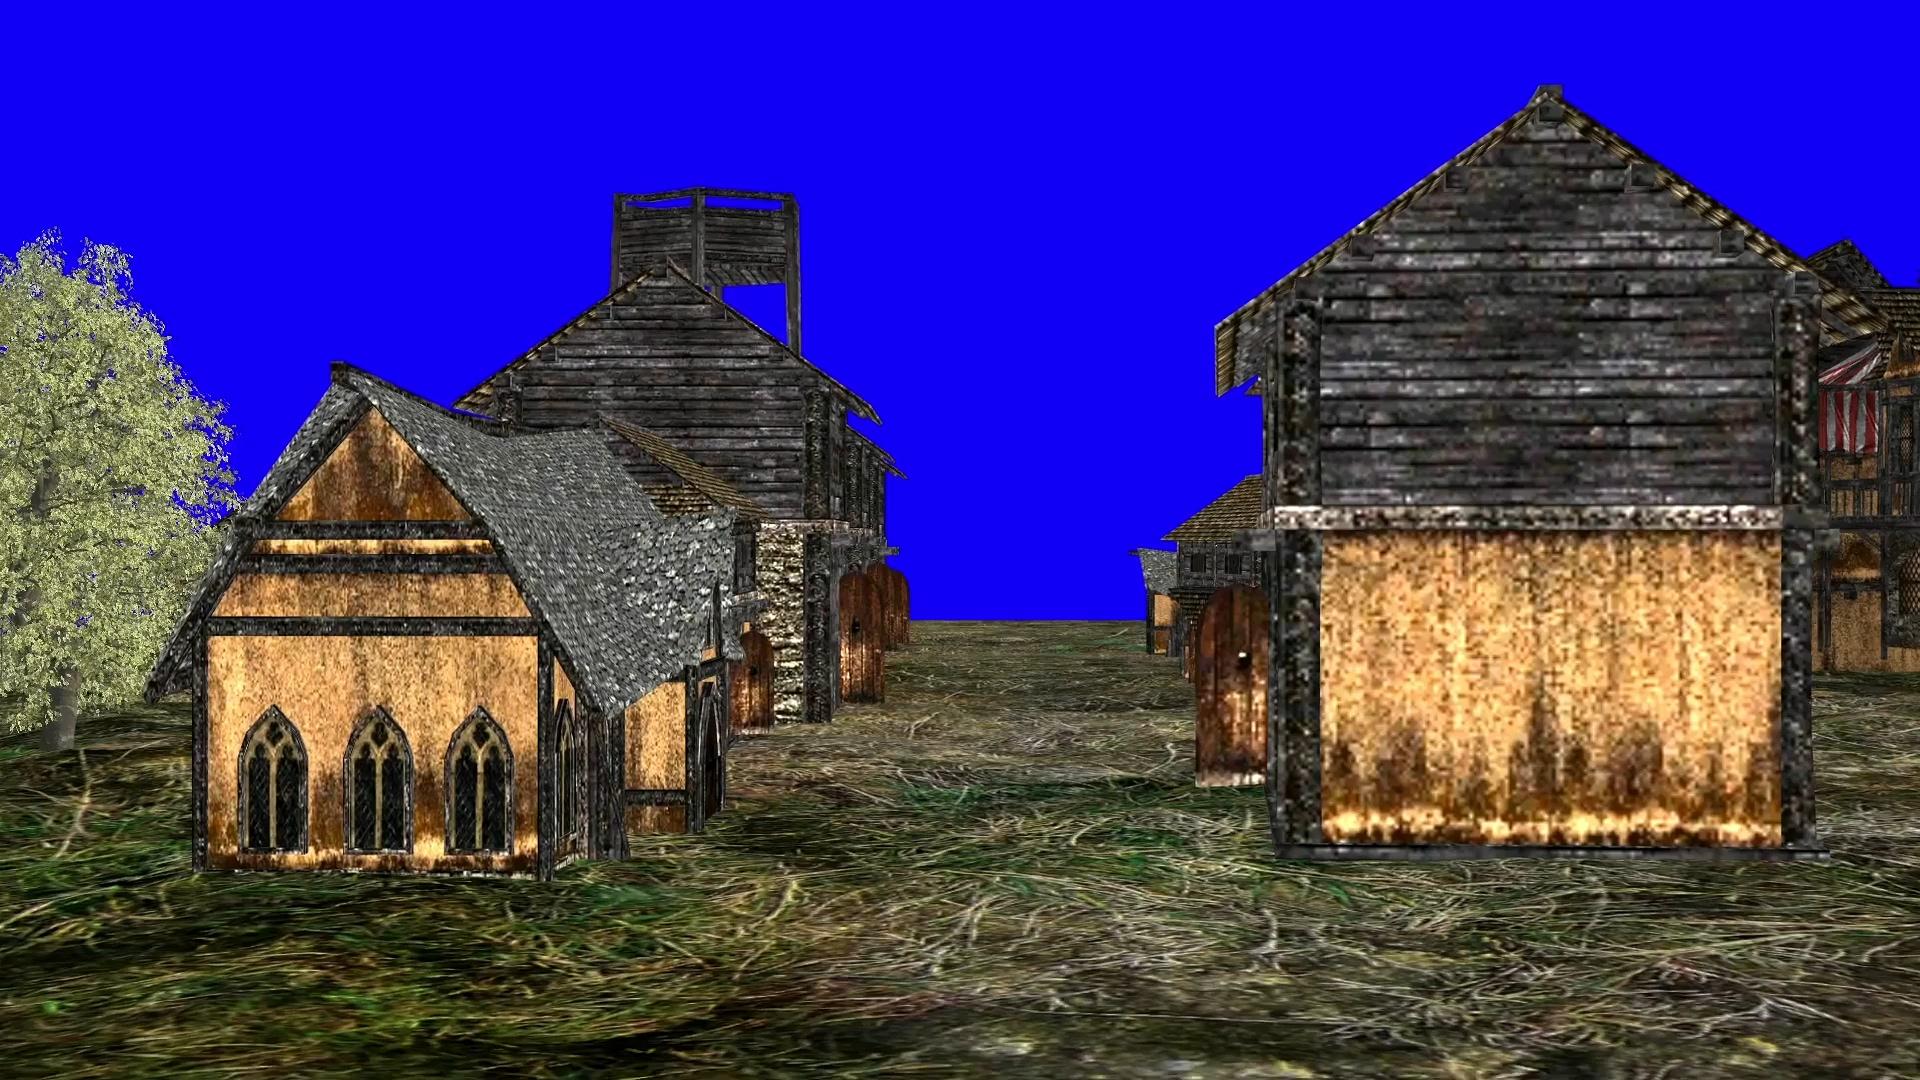 蓝屏抠像多层木屋